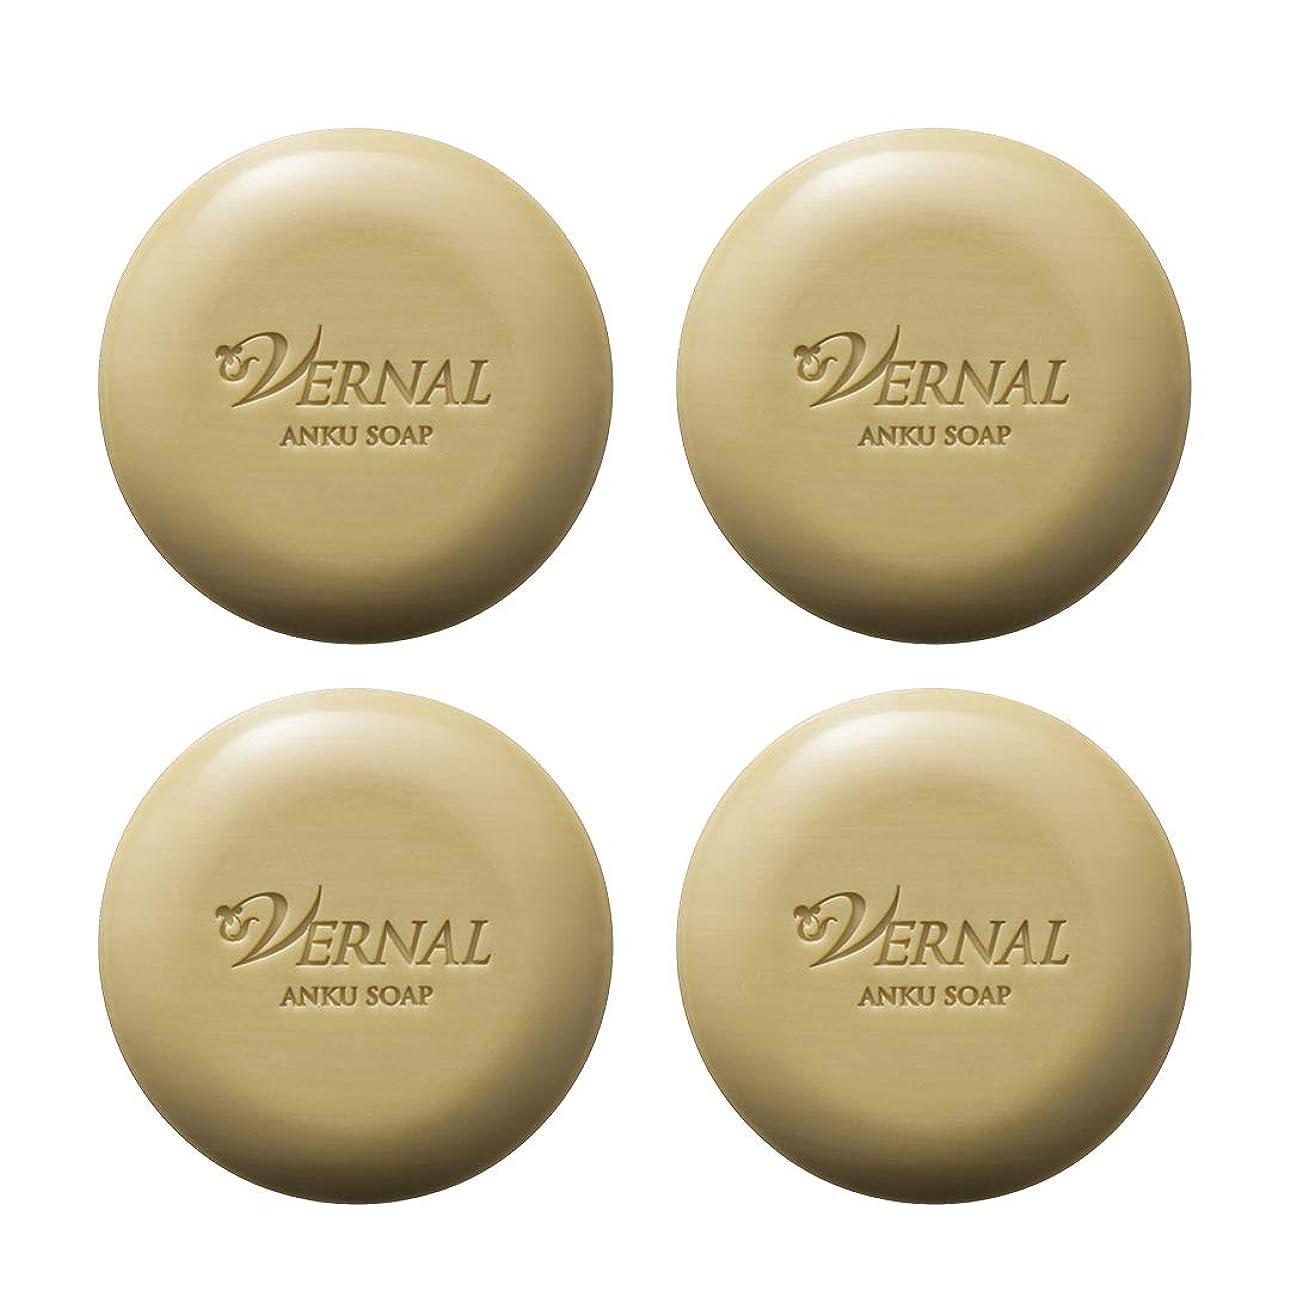 軽褐色重々しいアンクソープ4個セット各110g/ ヴァーナル 洗顔石鹸 お得価格